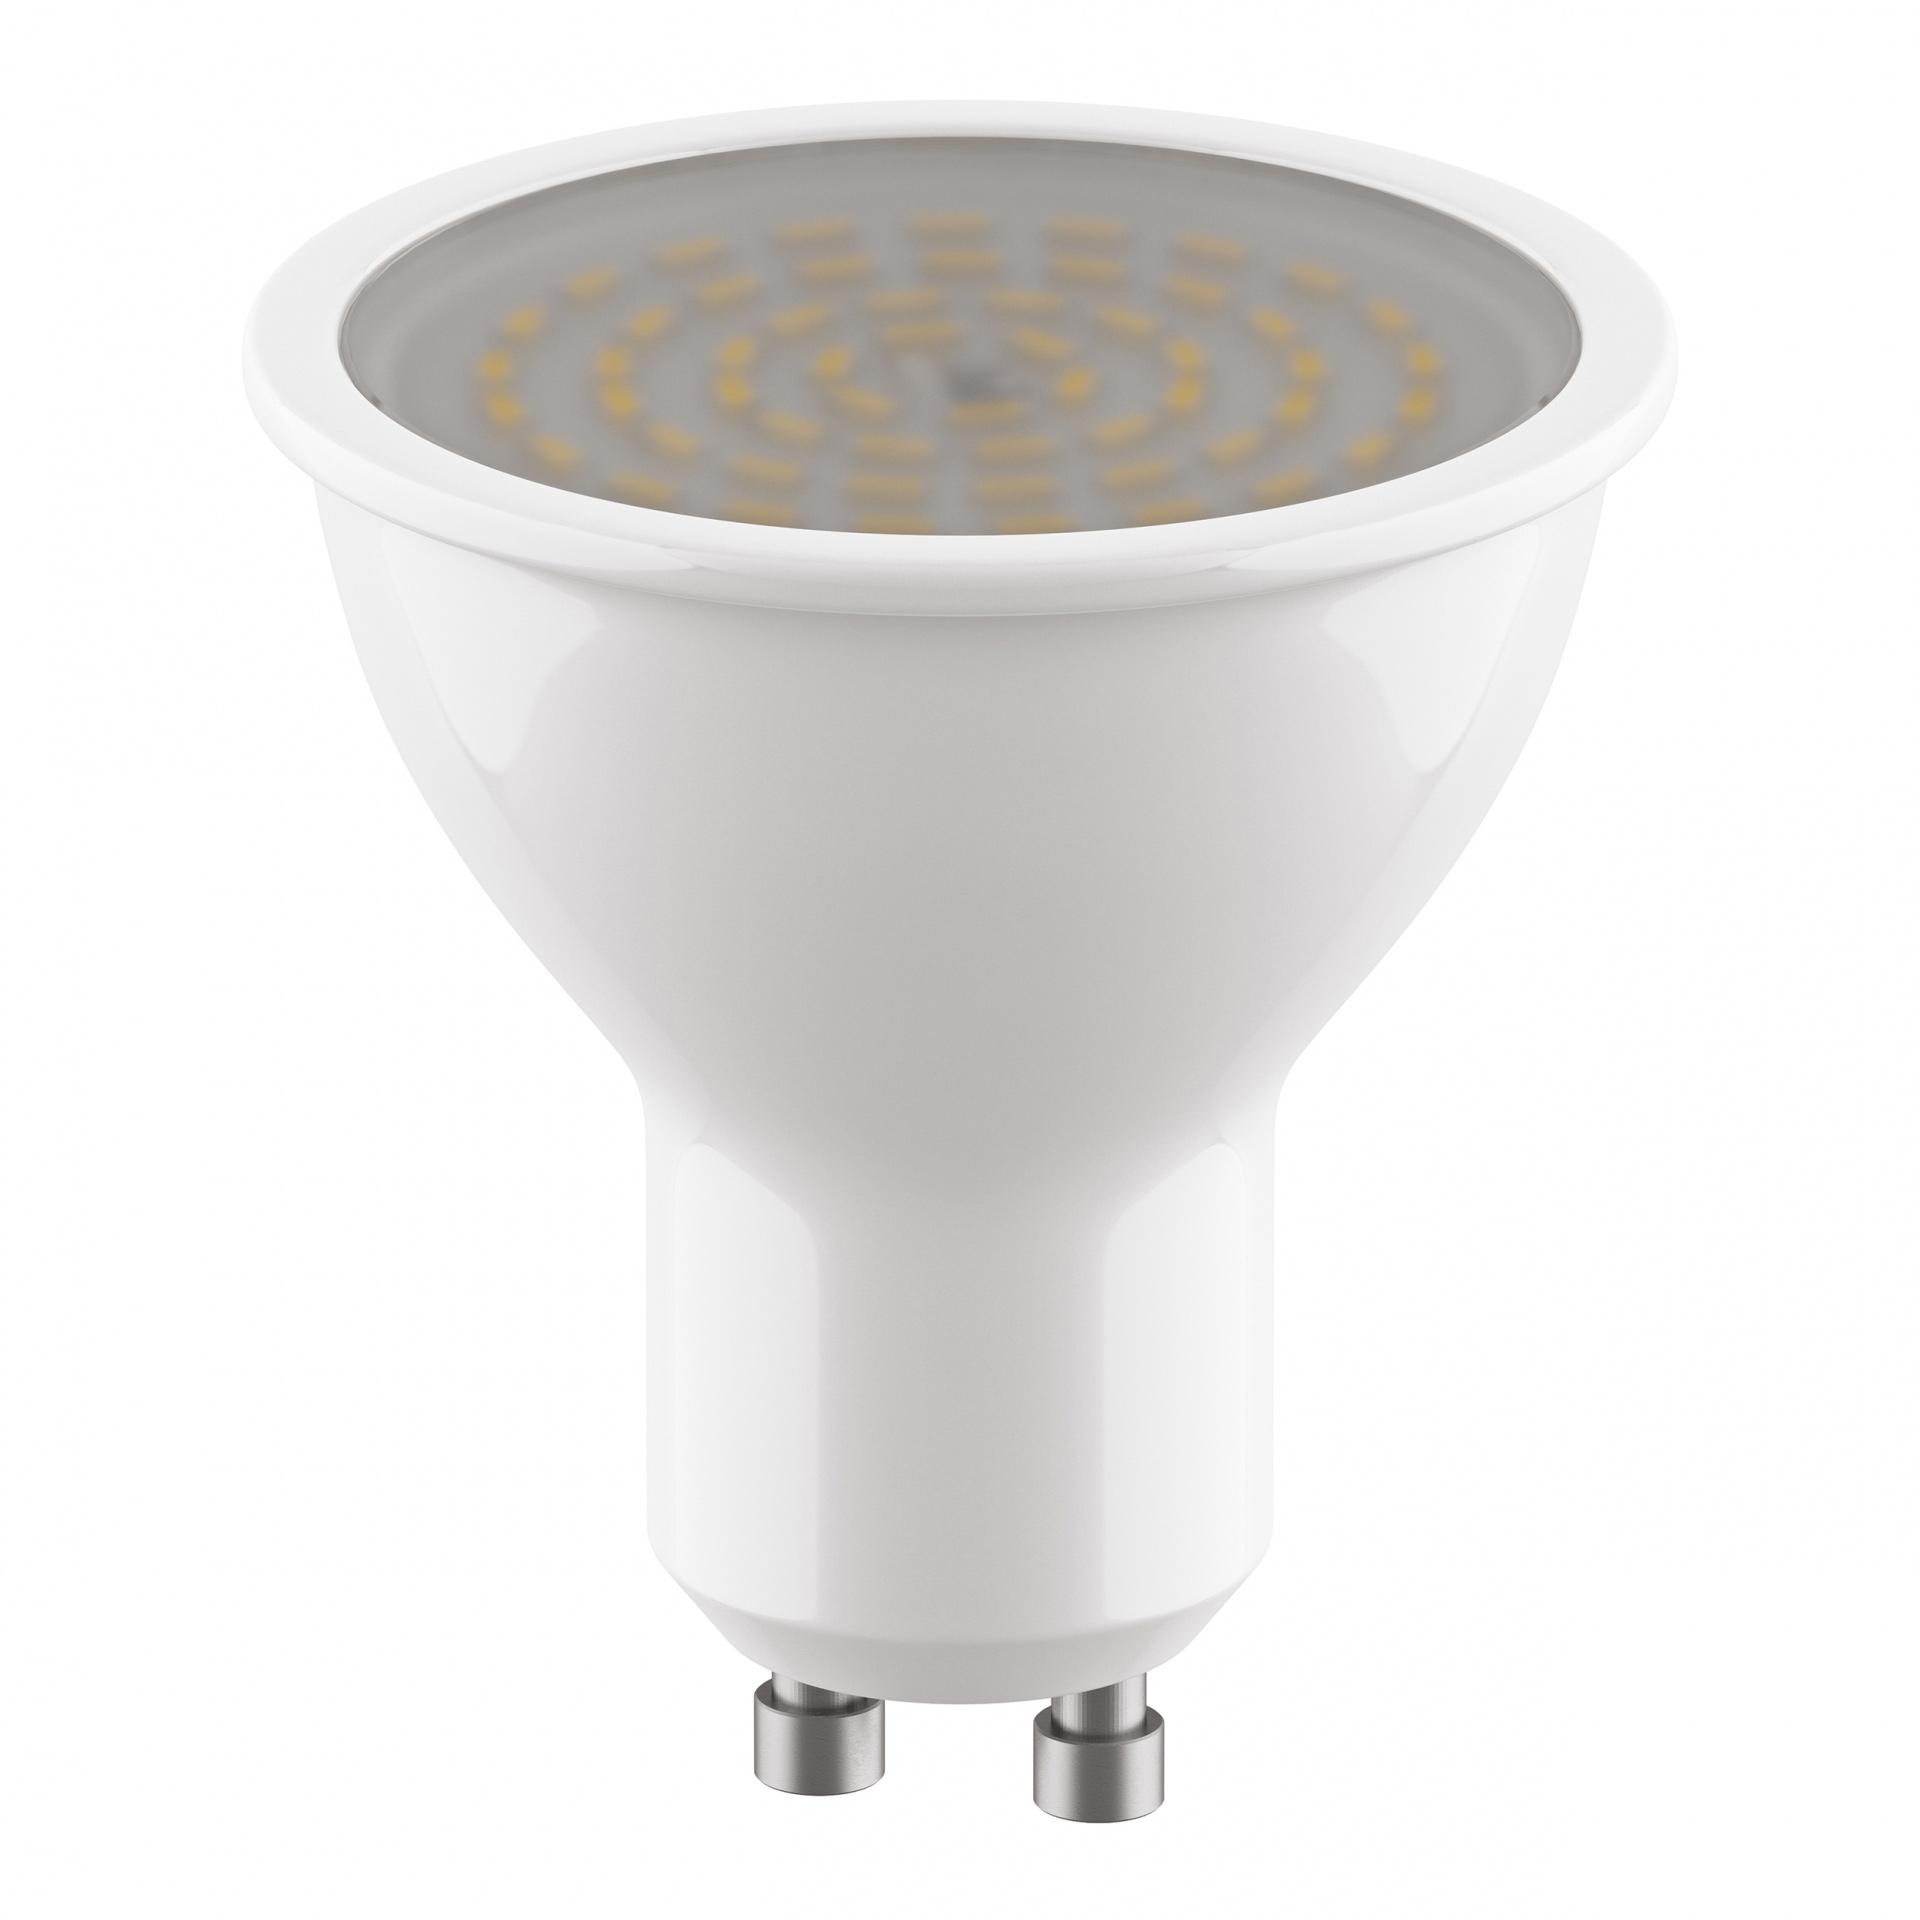 Лампа LED 220V HP16 GU10 6.5W=60W 325LM 120G FR 3000K 20000H Lightstar 940262, купить в СПб, Москве, с доставкой, Санкт-Петербург, интернет-магазин люстр и светильников Starlight, фото в жизни